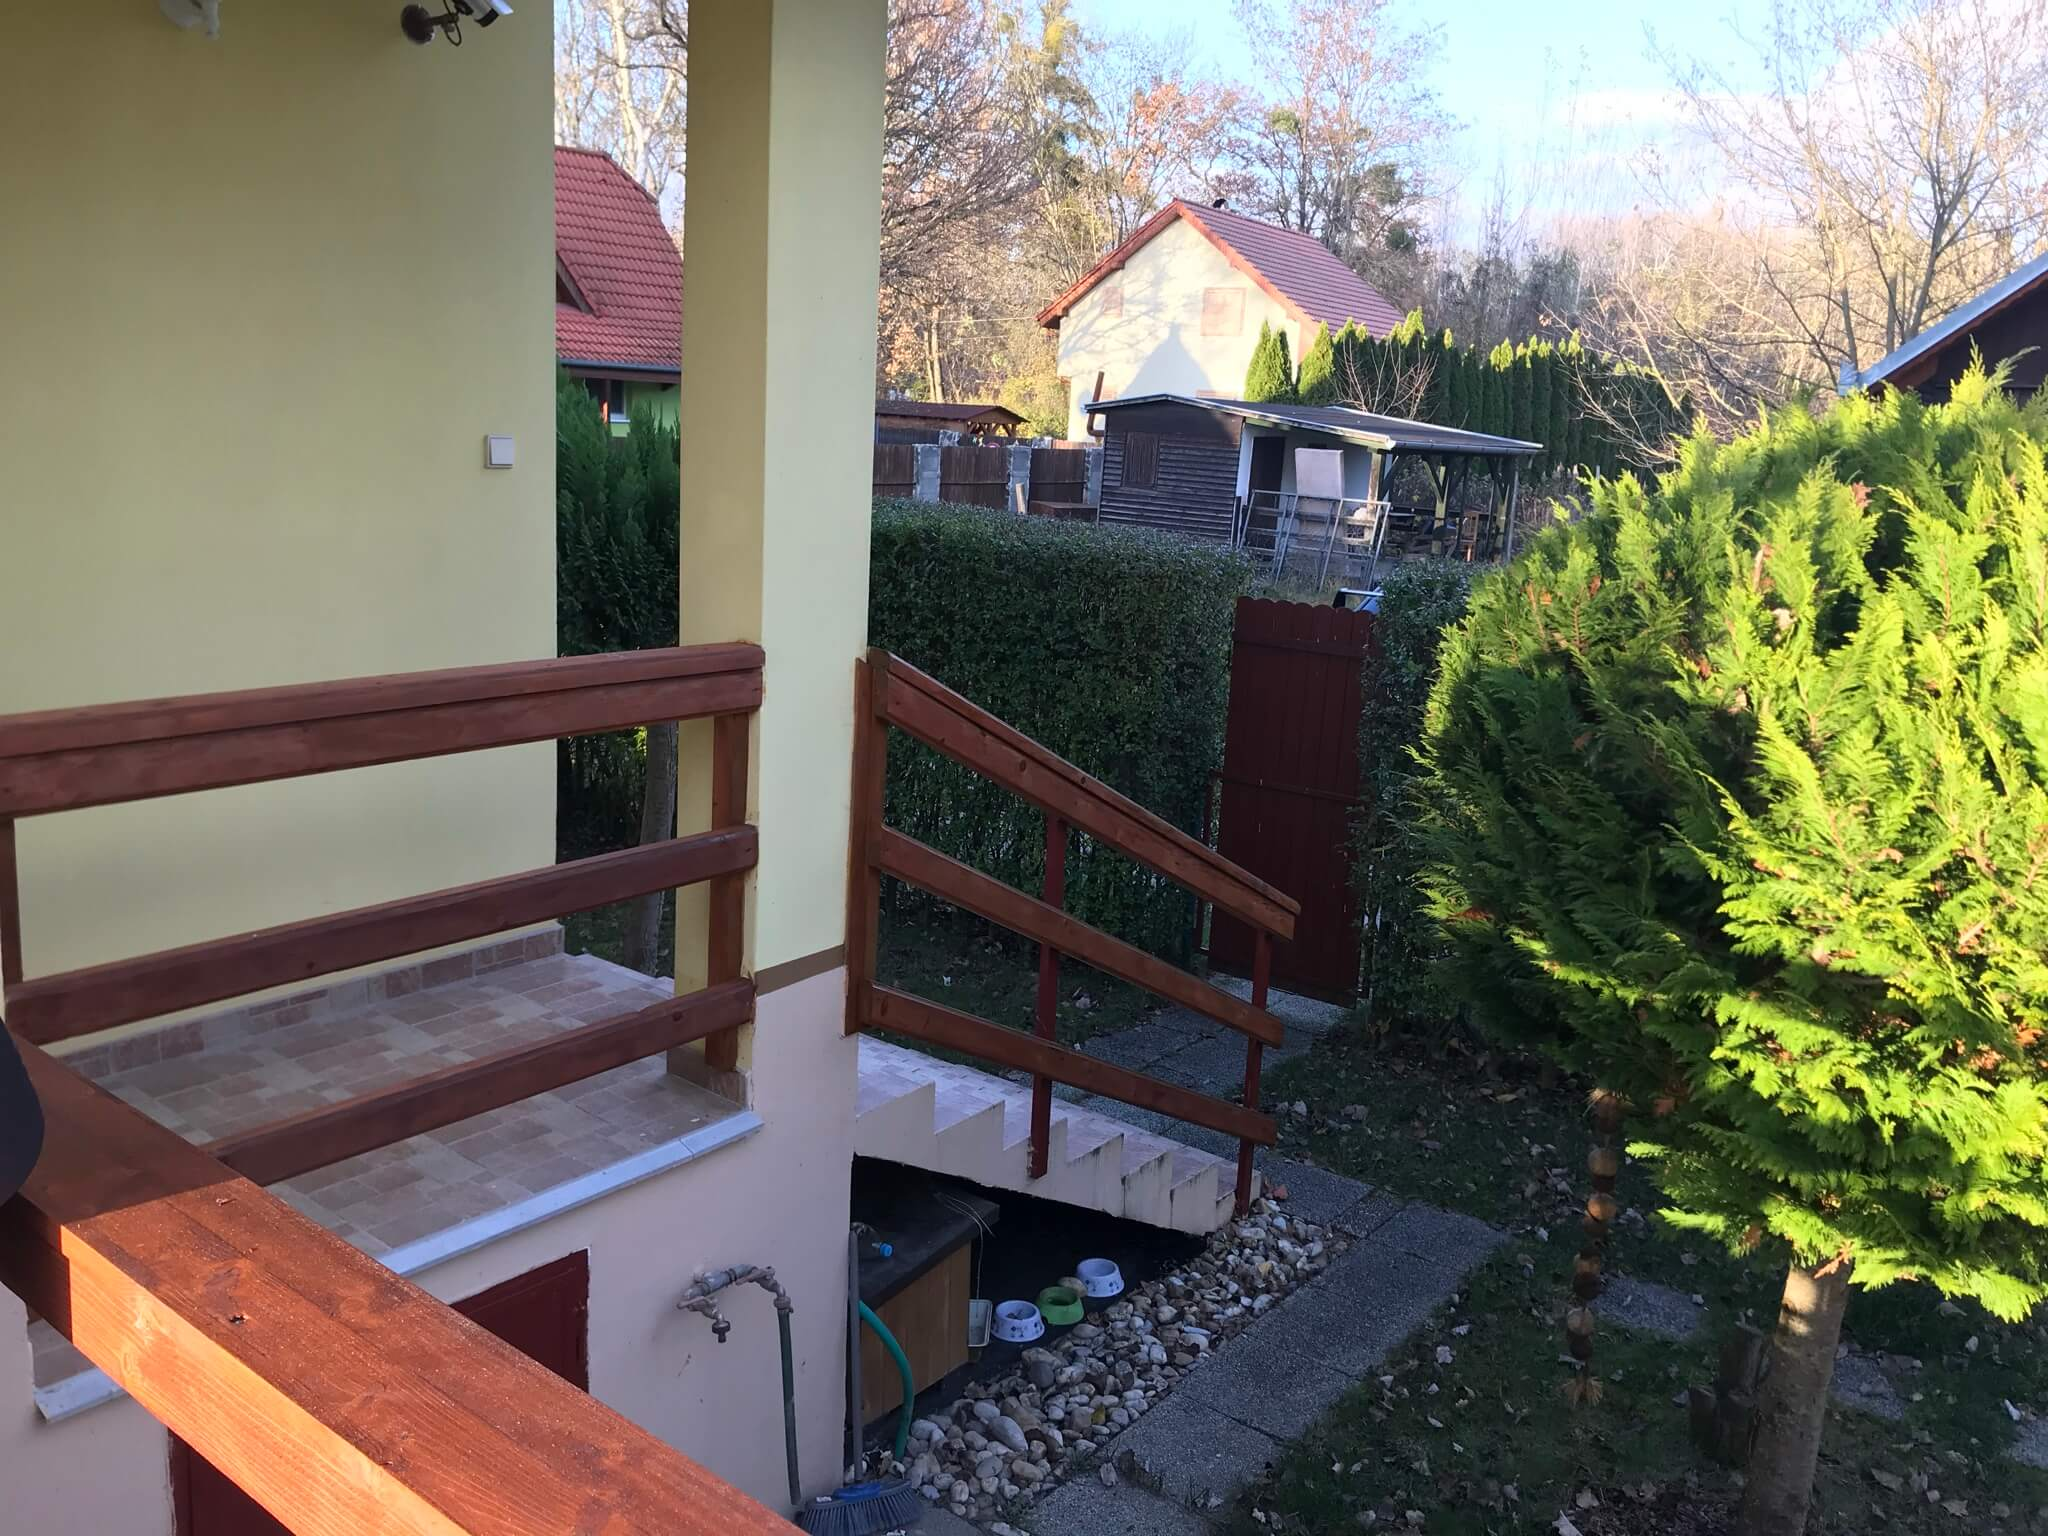 Predané: Exkluzívne 3 izbová chata o výmere 70m2 s 300m2 pozemkom, 2 podložná, v Gabčíkove pri hrádzi, kompe-37